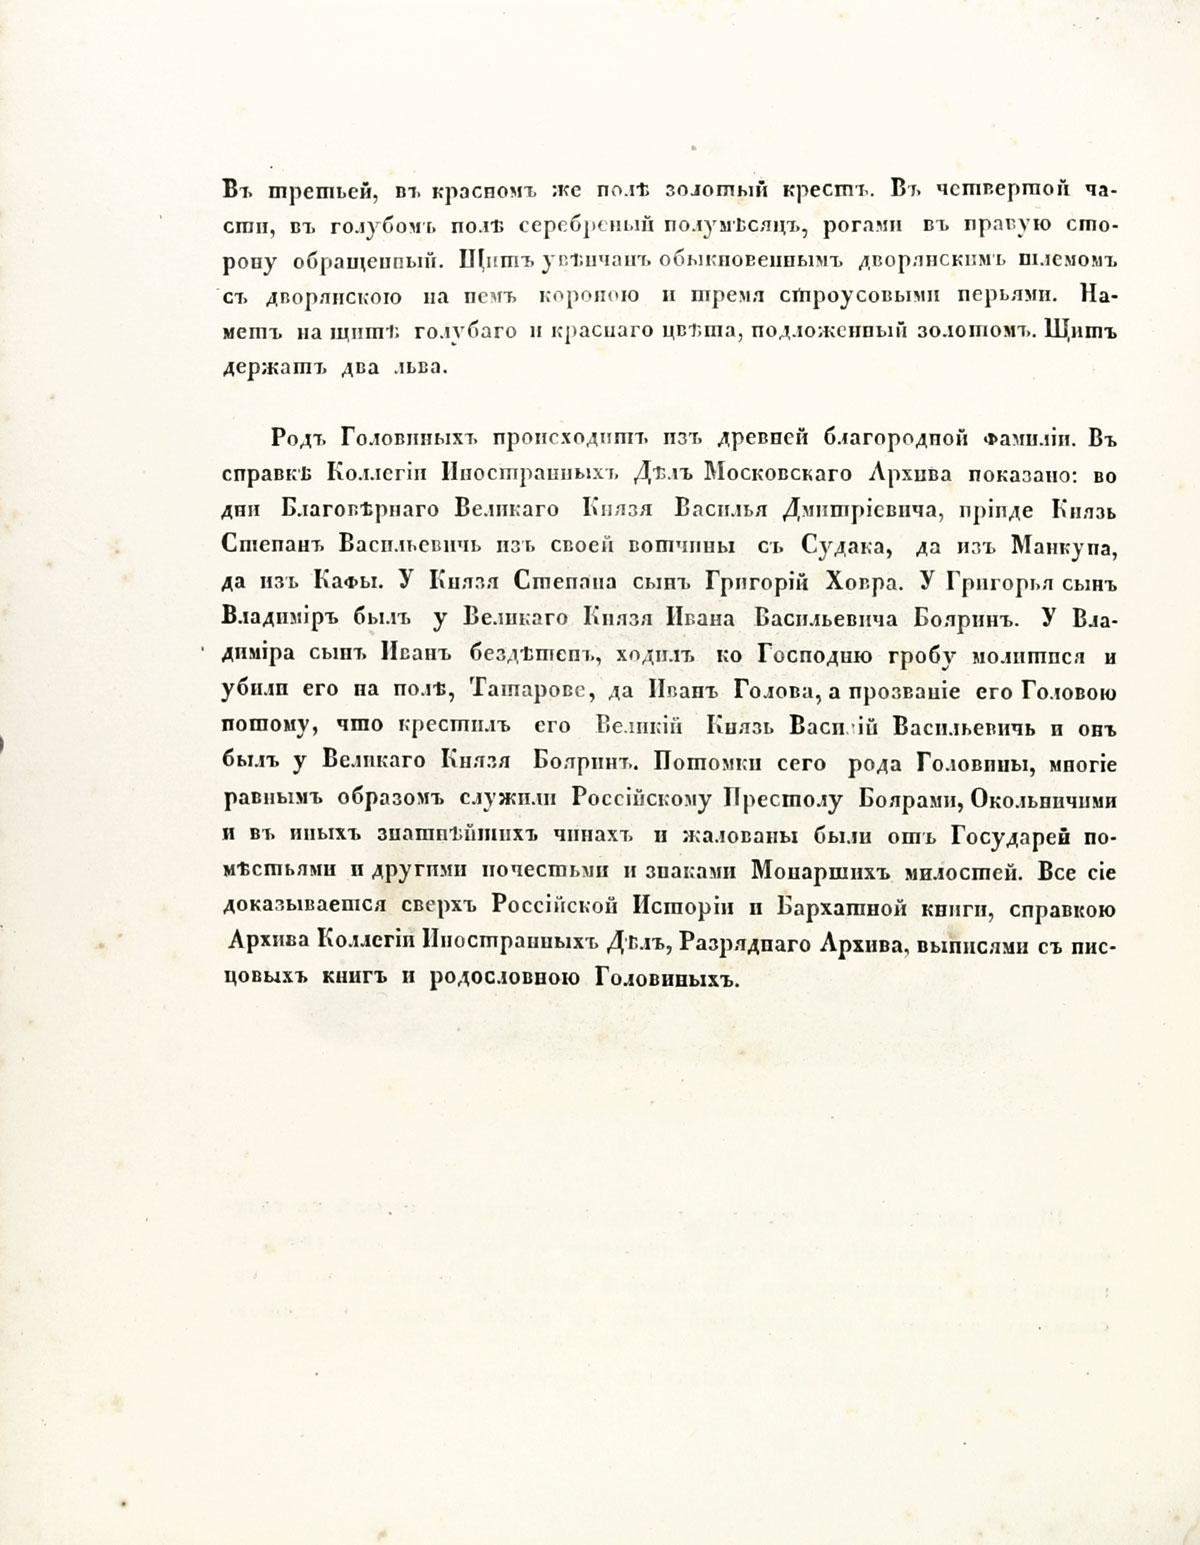 Герб рода Головиных, стр. 2